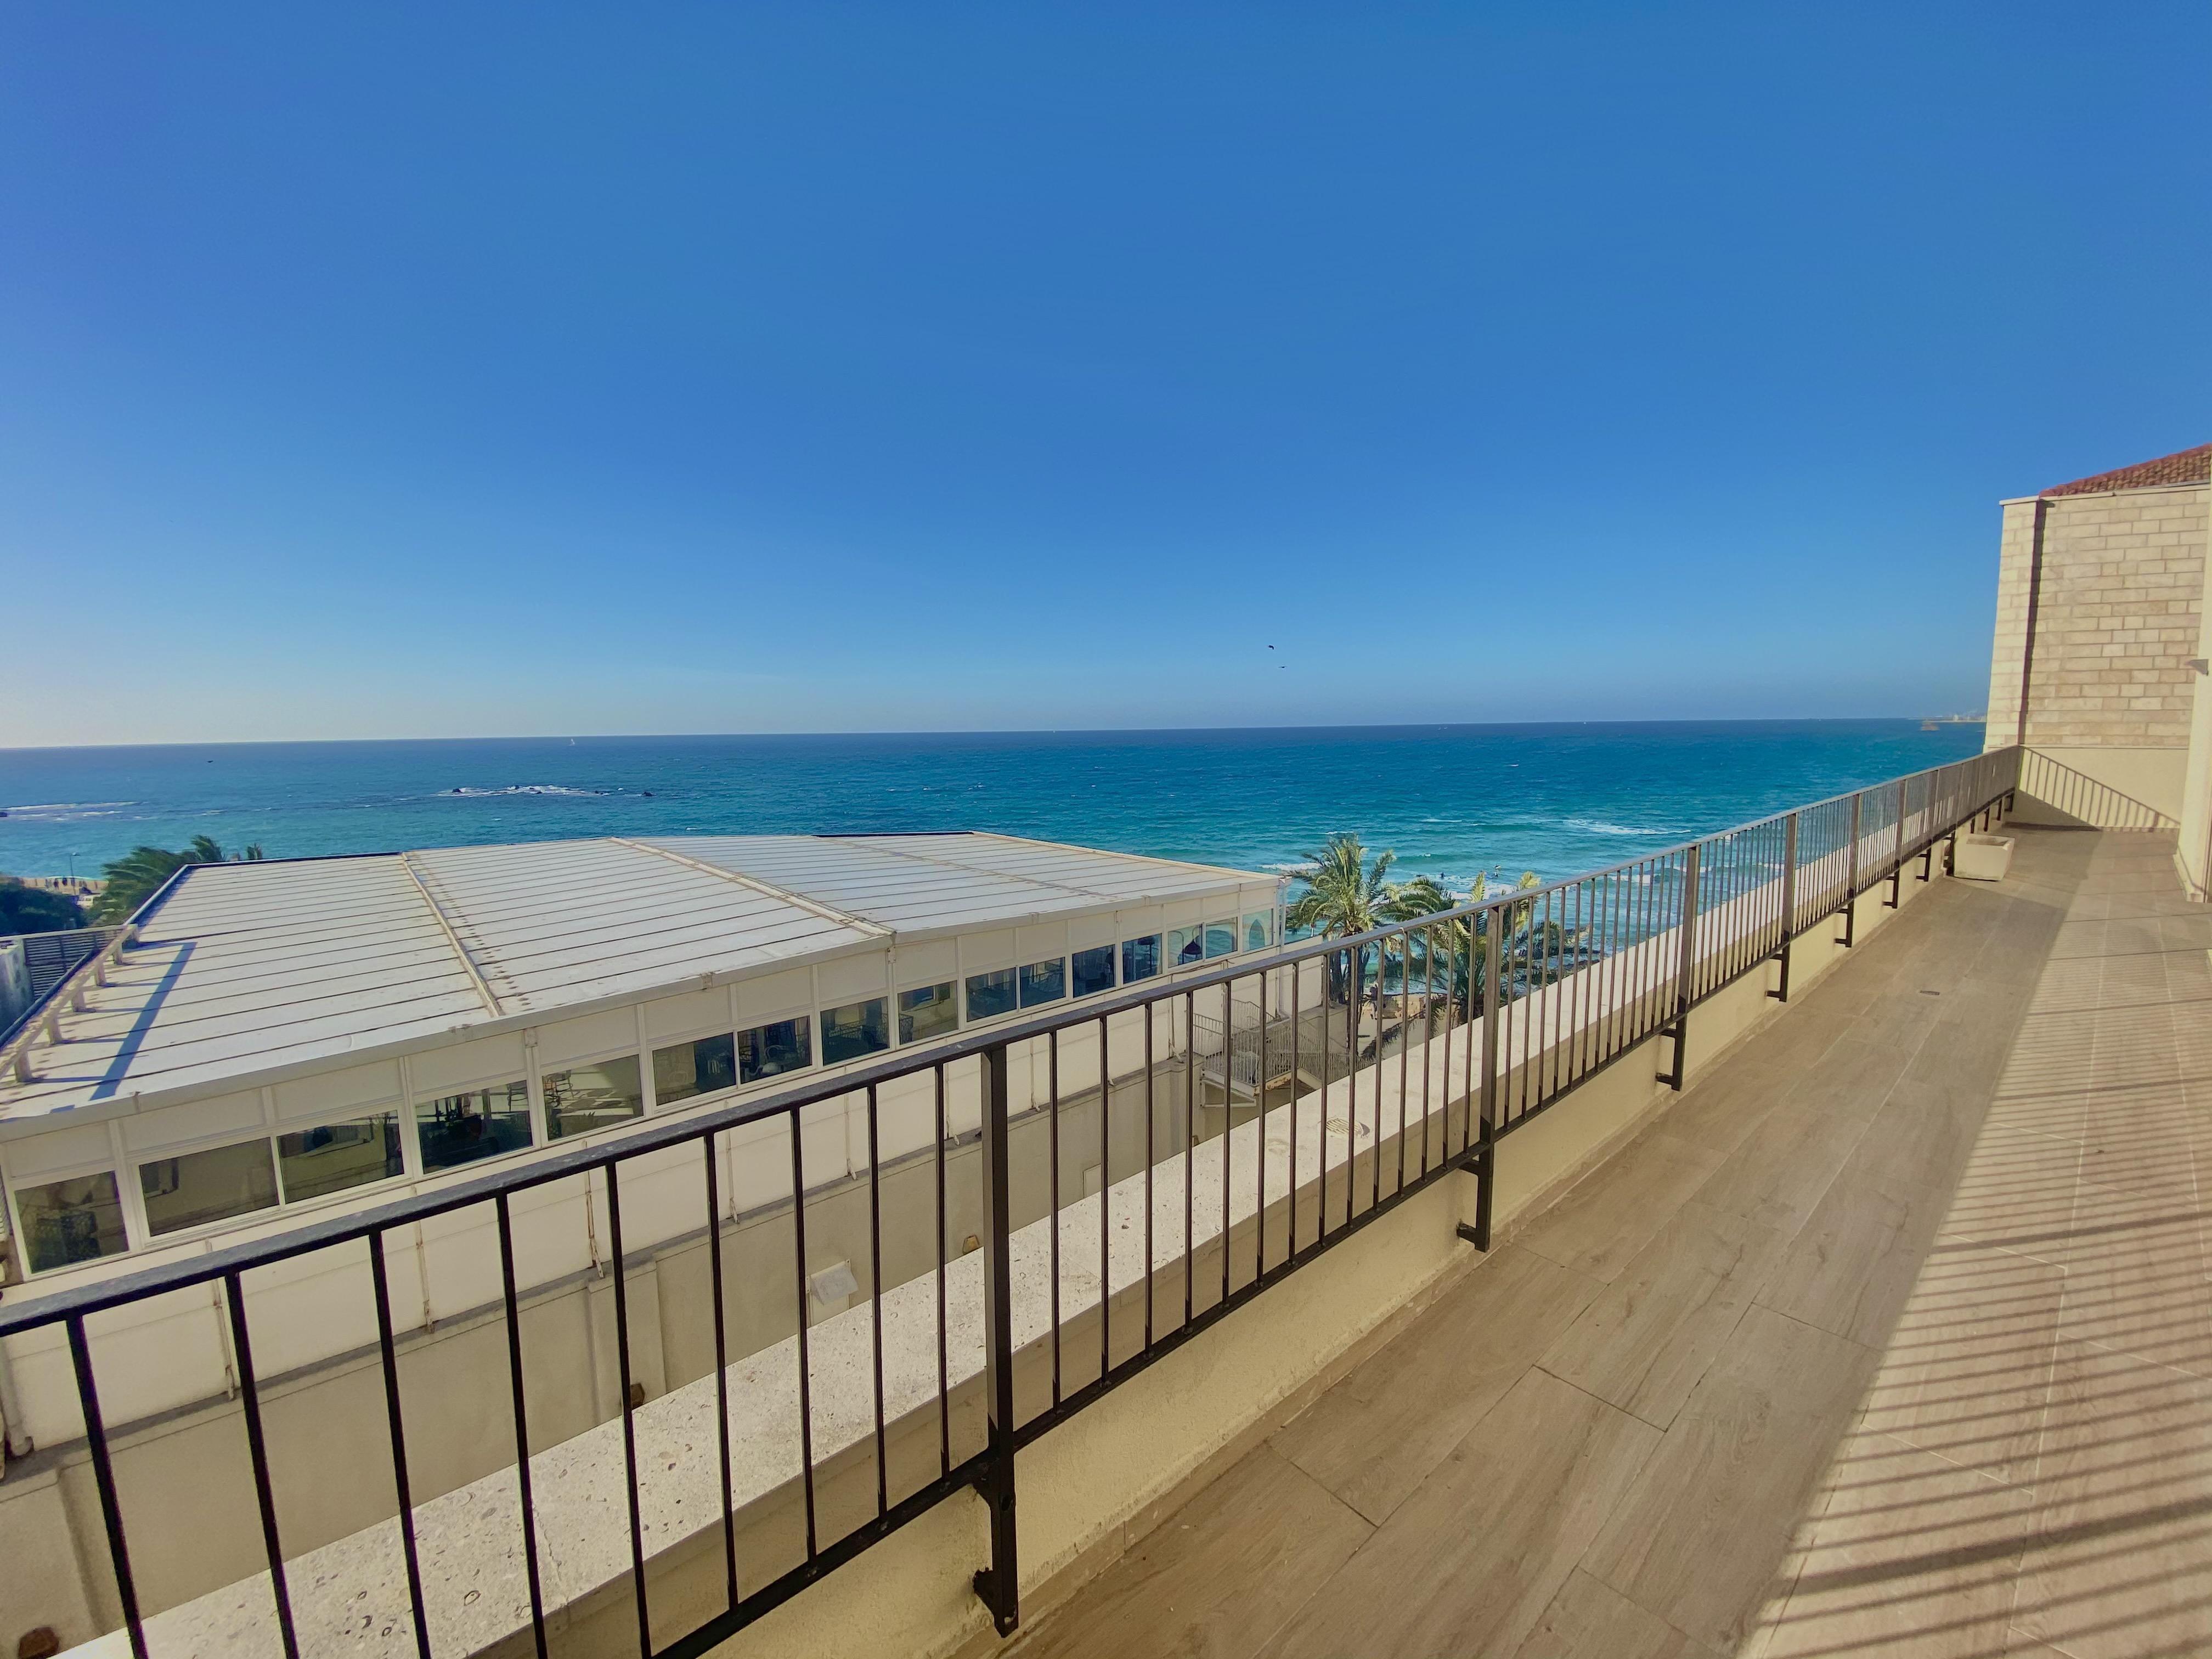 דירת גג עם נוף פנורמי לים !